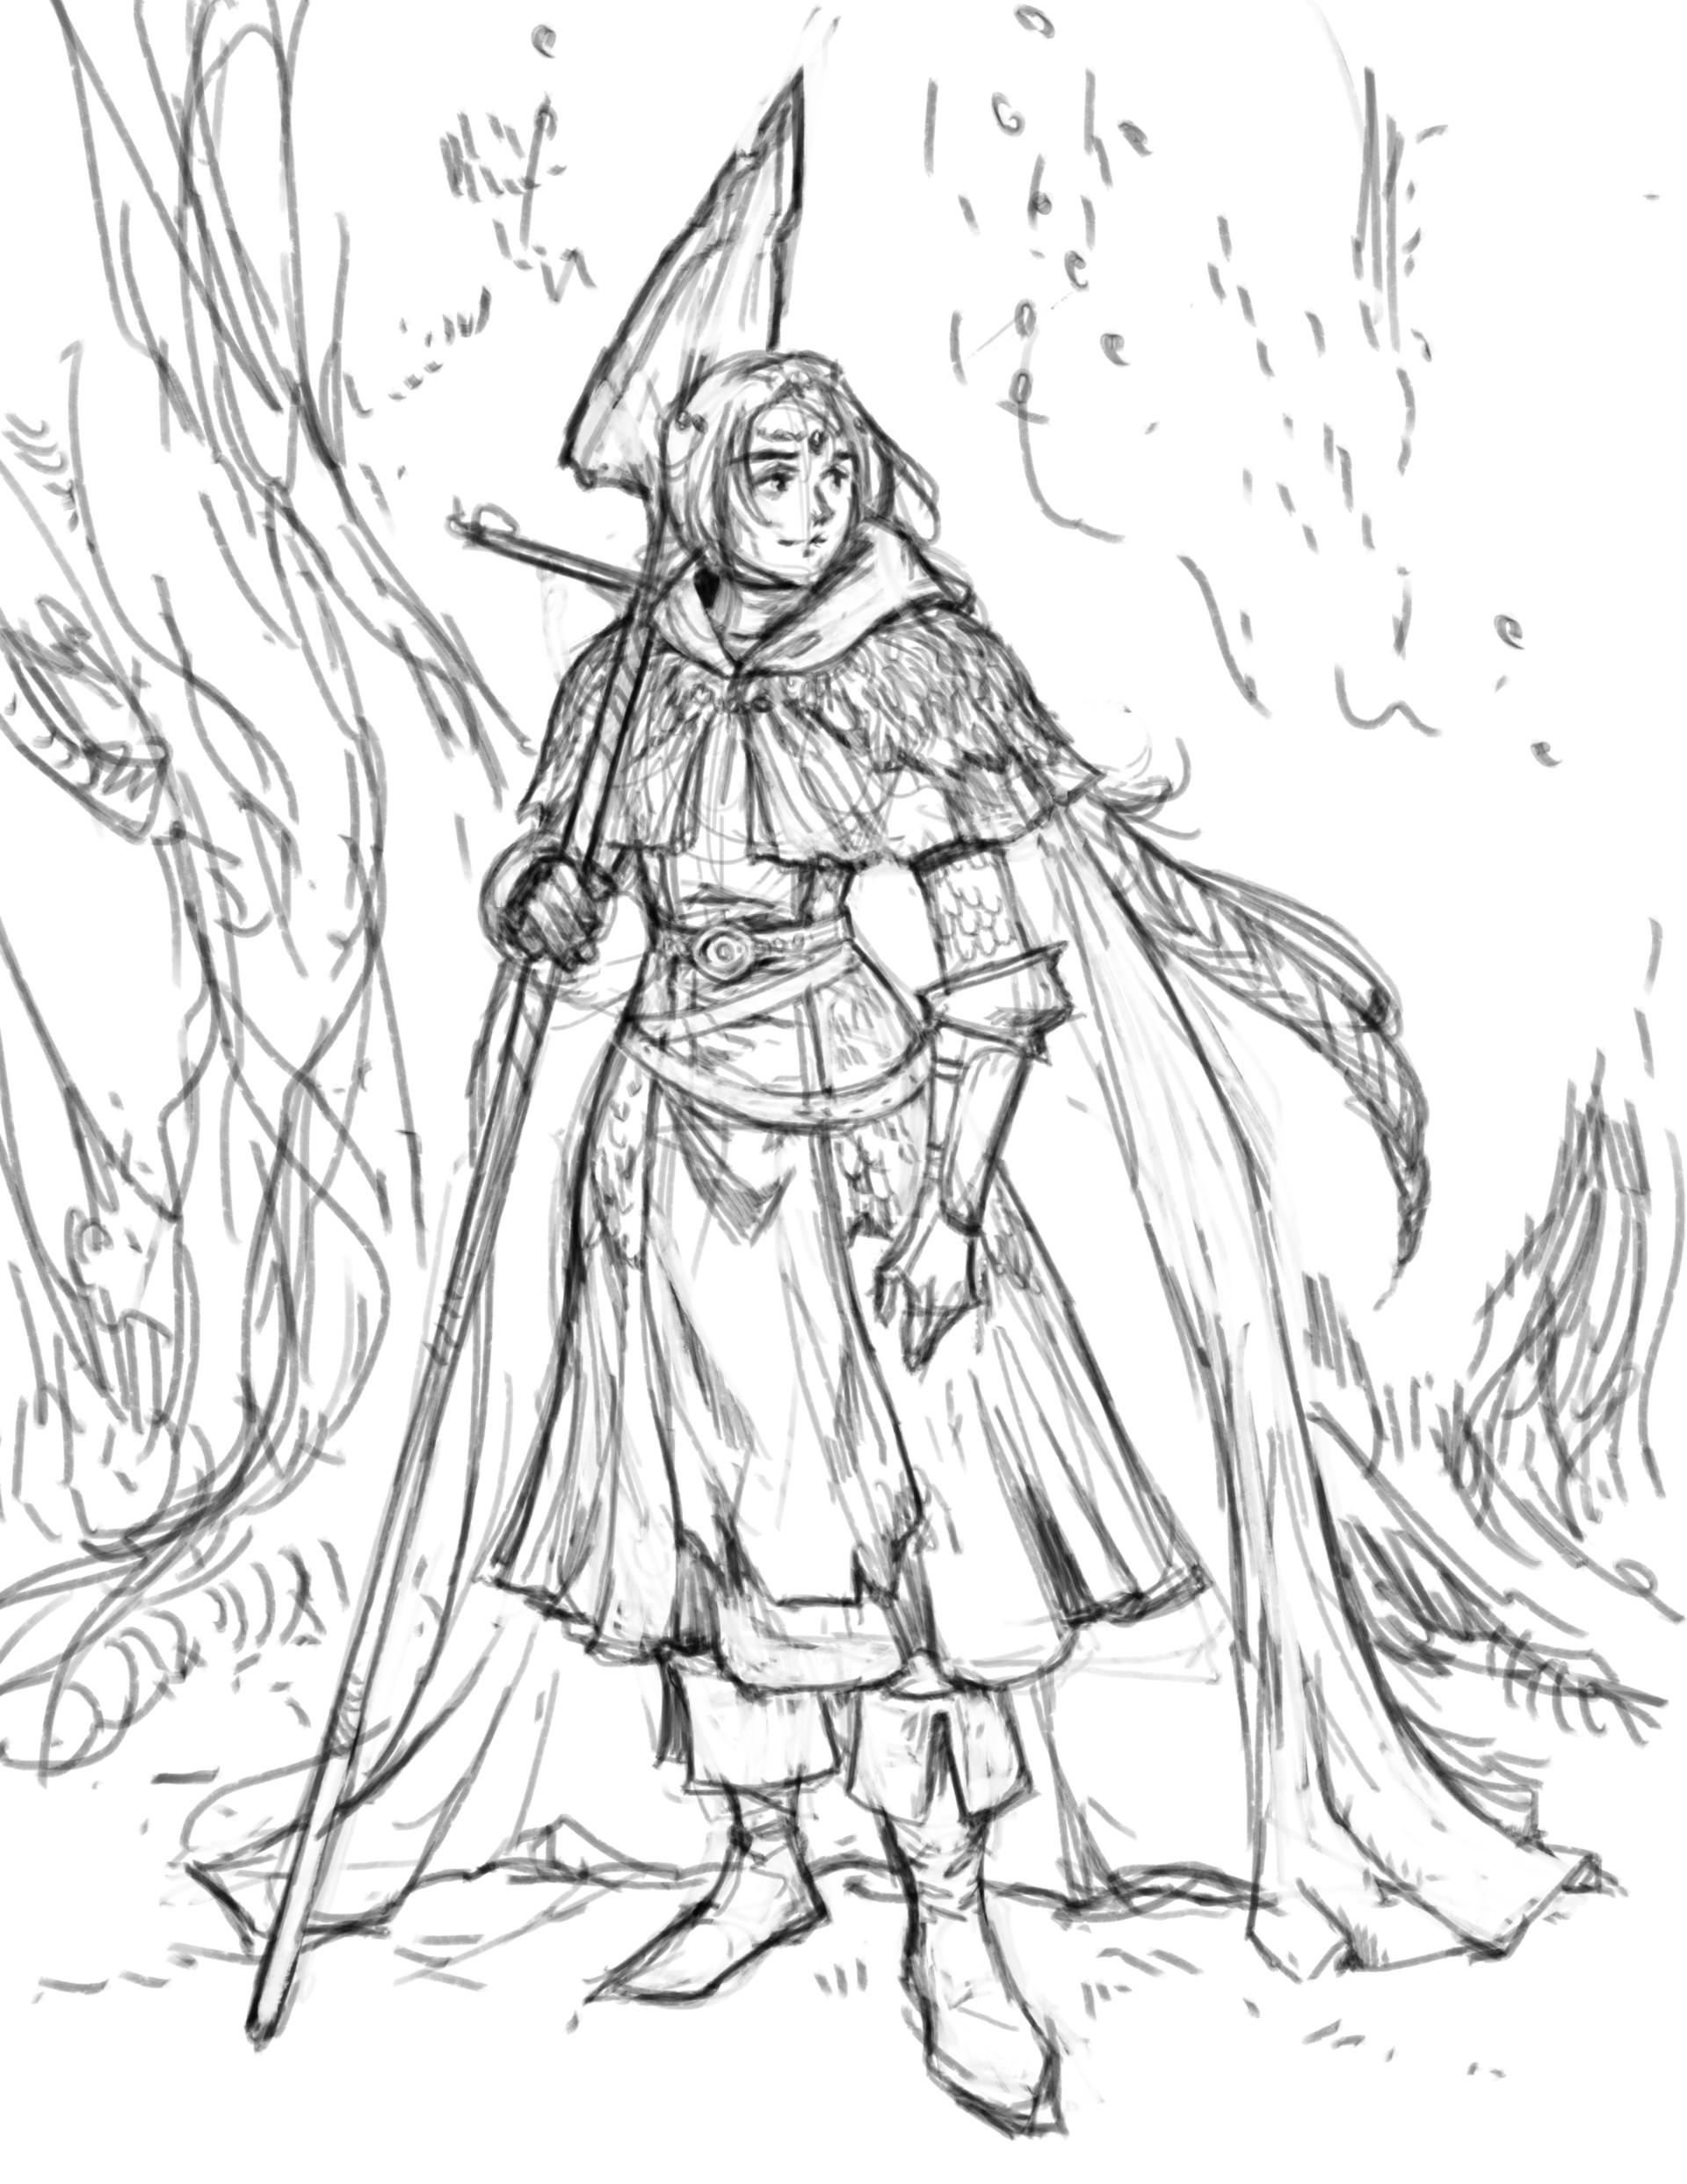 Stef tastan girl knight sktchy